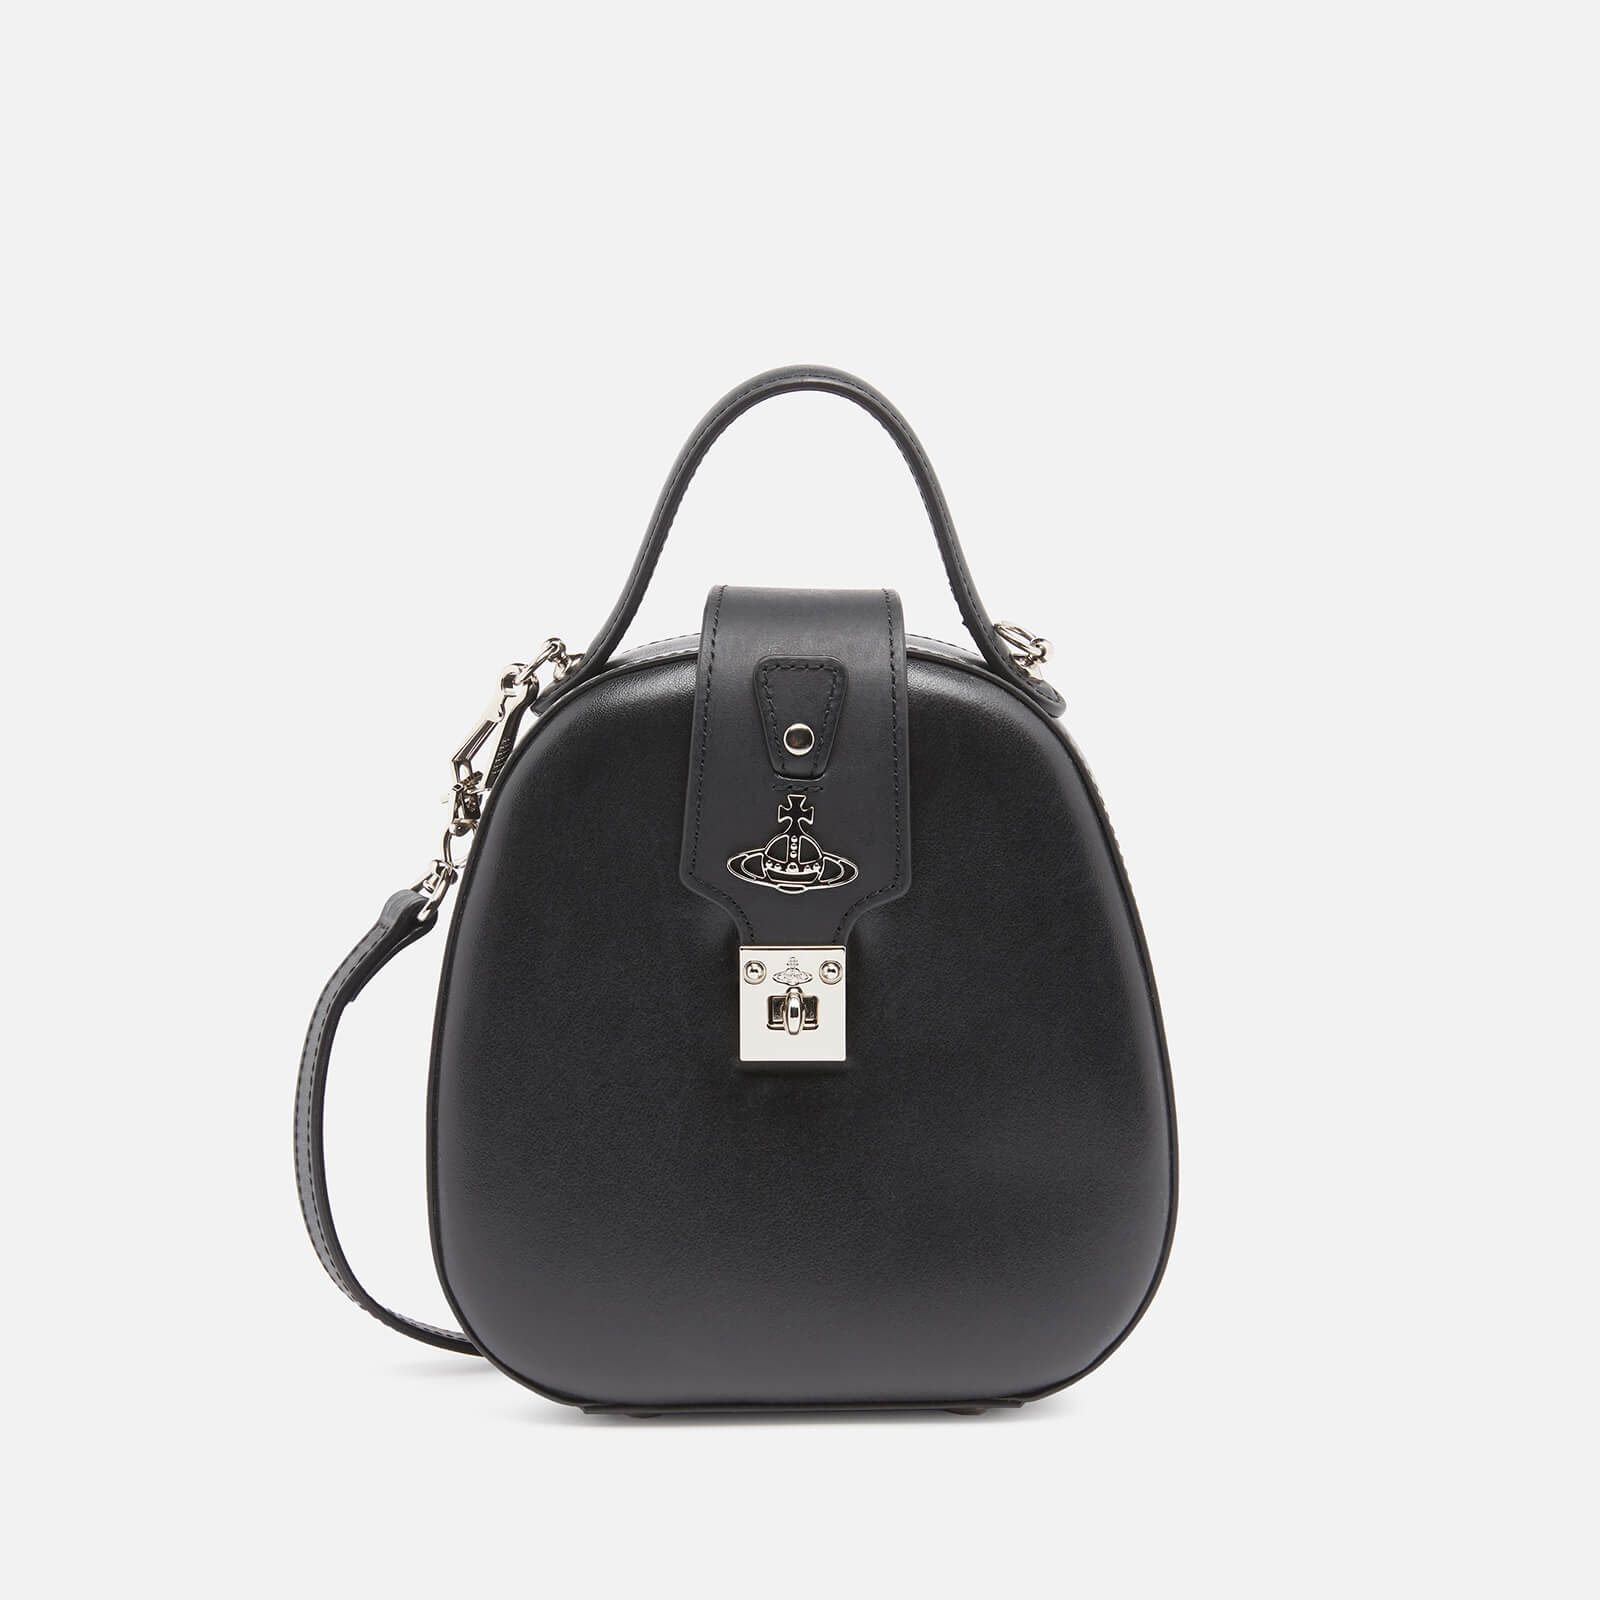 Vivienne Westwood Women's Dolce Cross Body Bag - Black